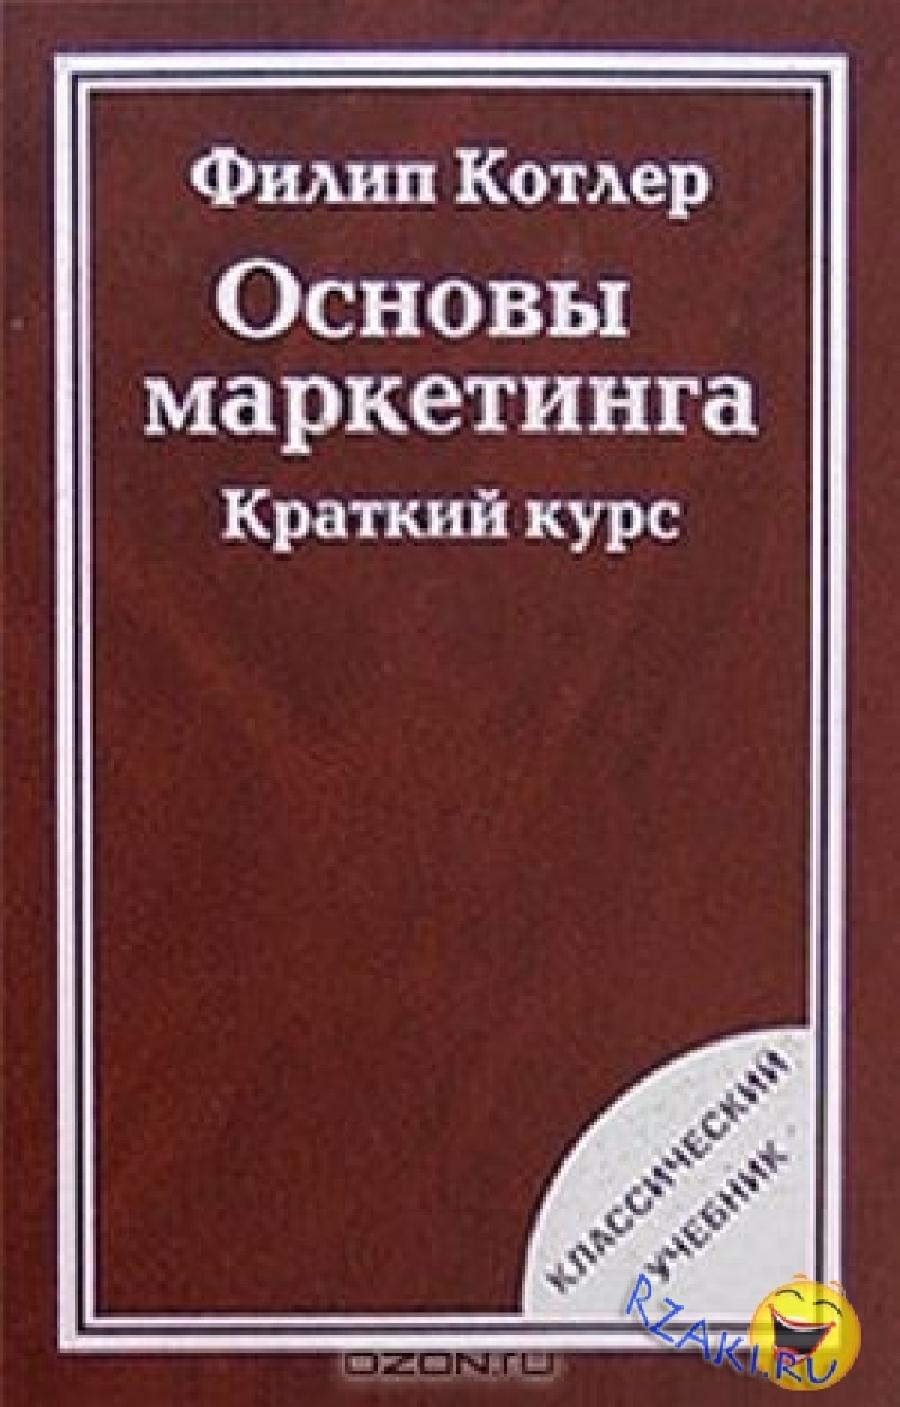 Обложка книги:  филип котлер - основы маркетинга. краткий курс